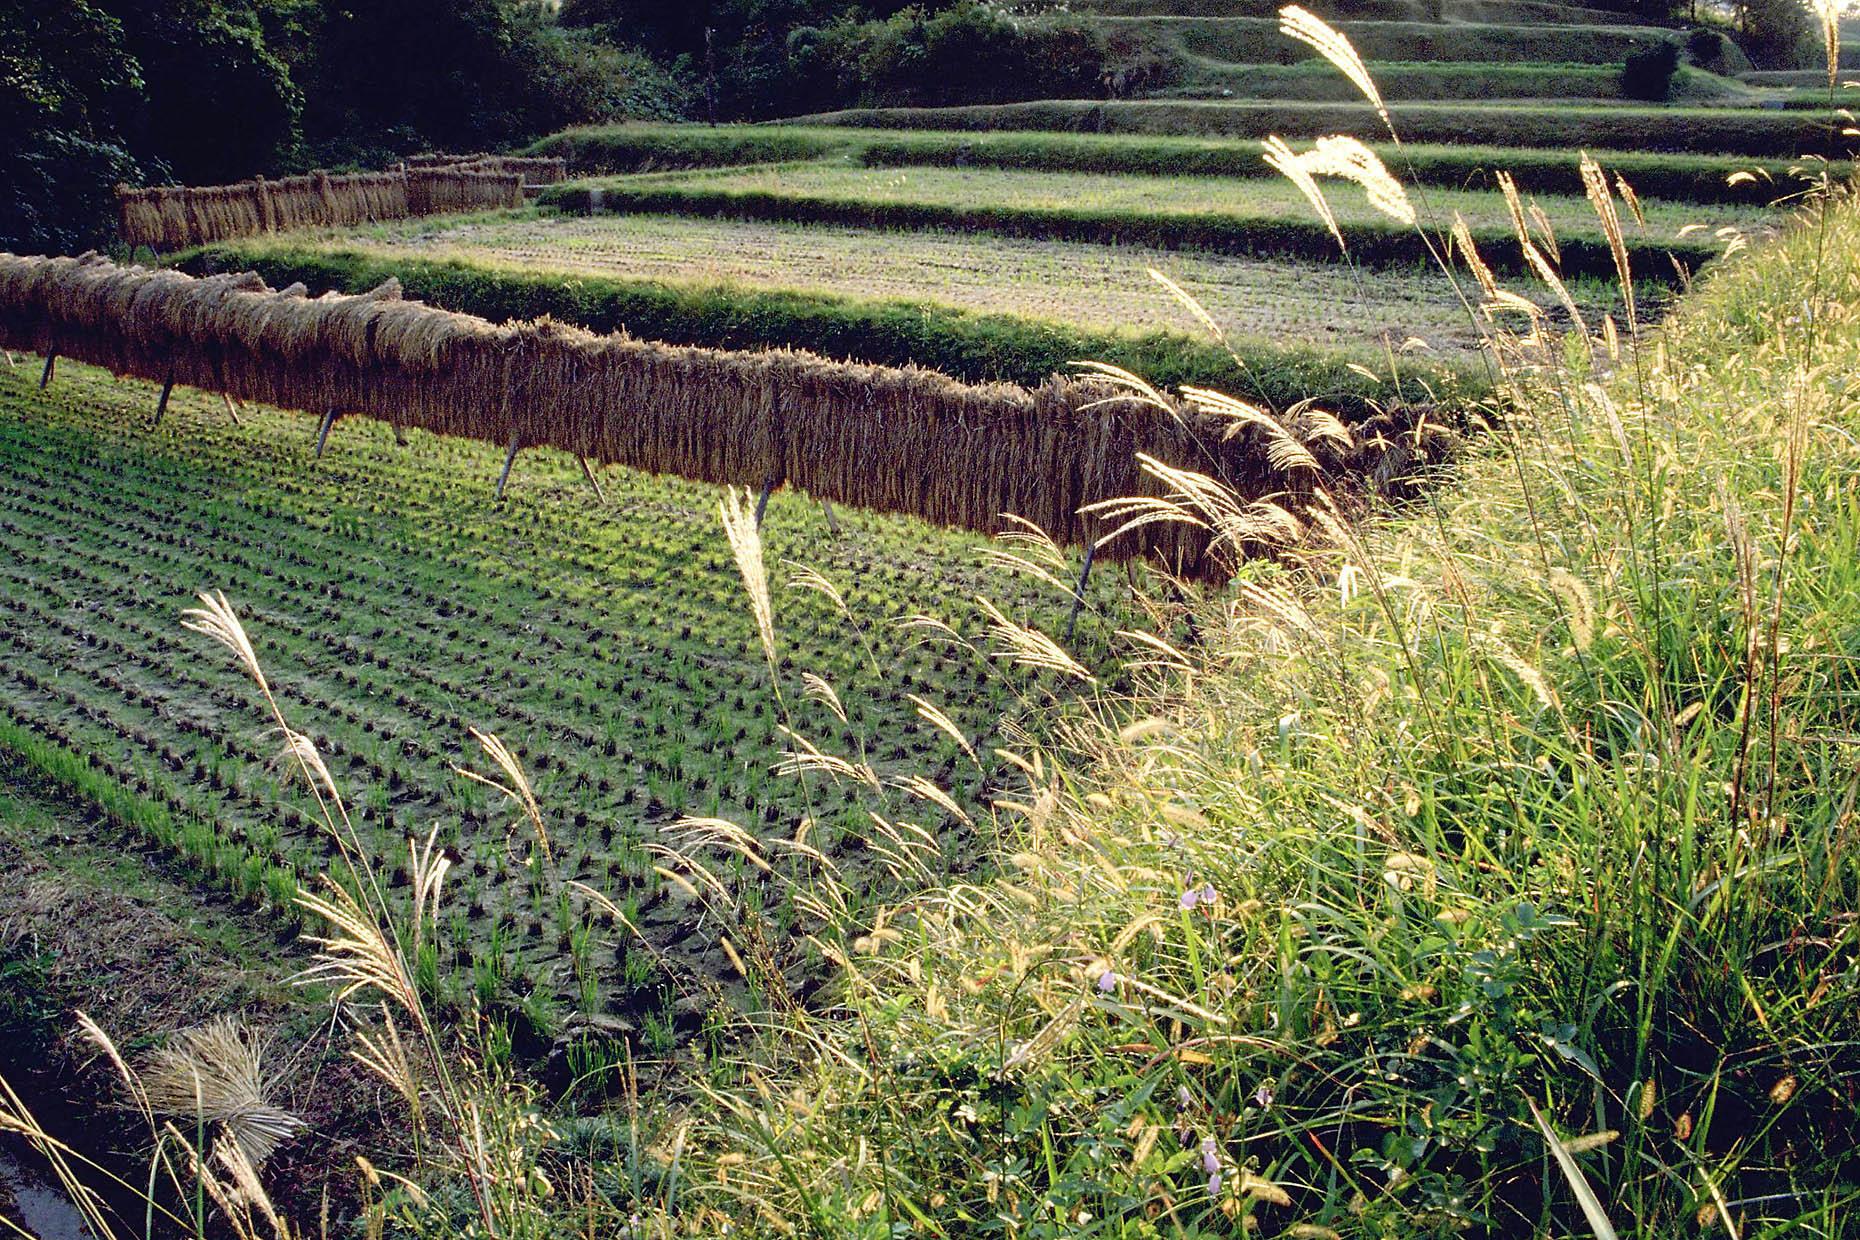 人材という意味での、少子高齢化の農業への逆利用とは